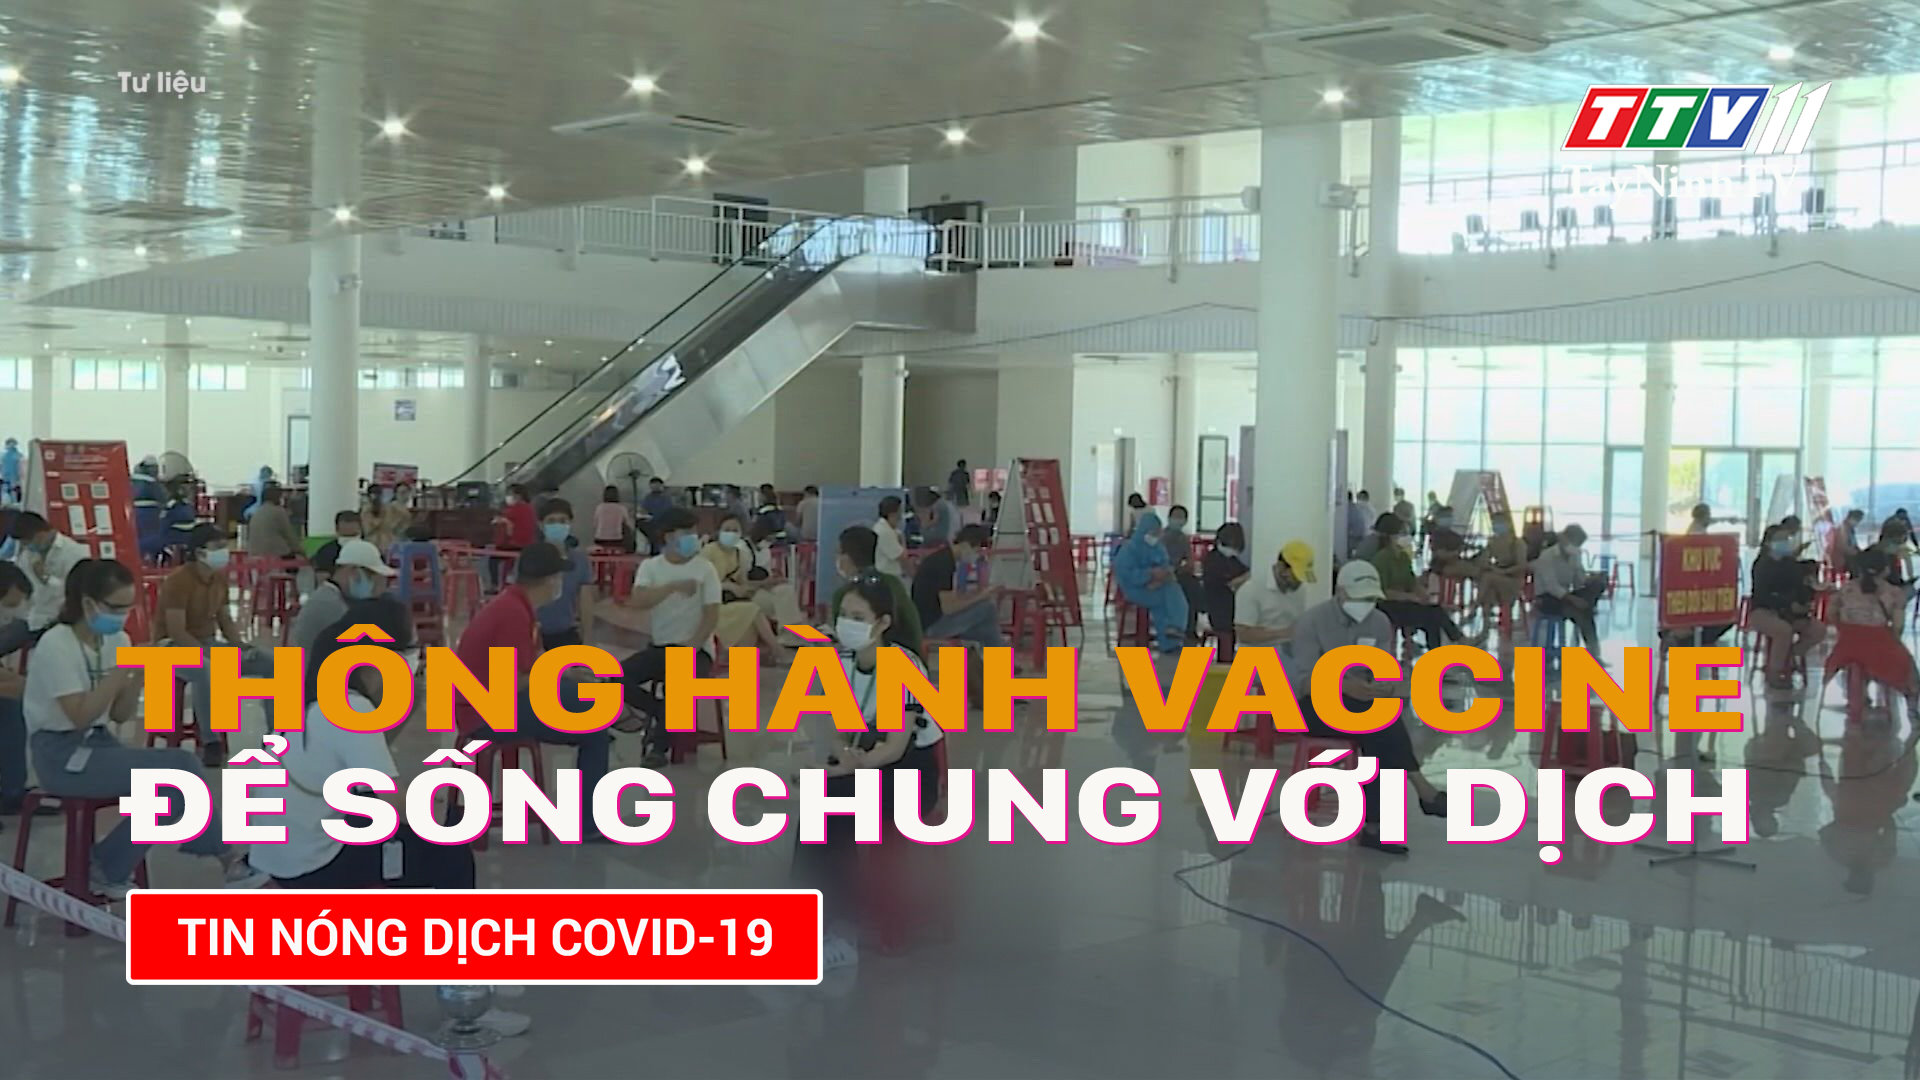 Thông hành vắc-xin để sống chung với dịch | TayNinhTV